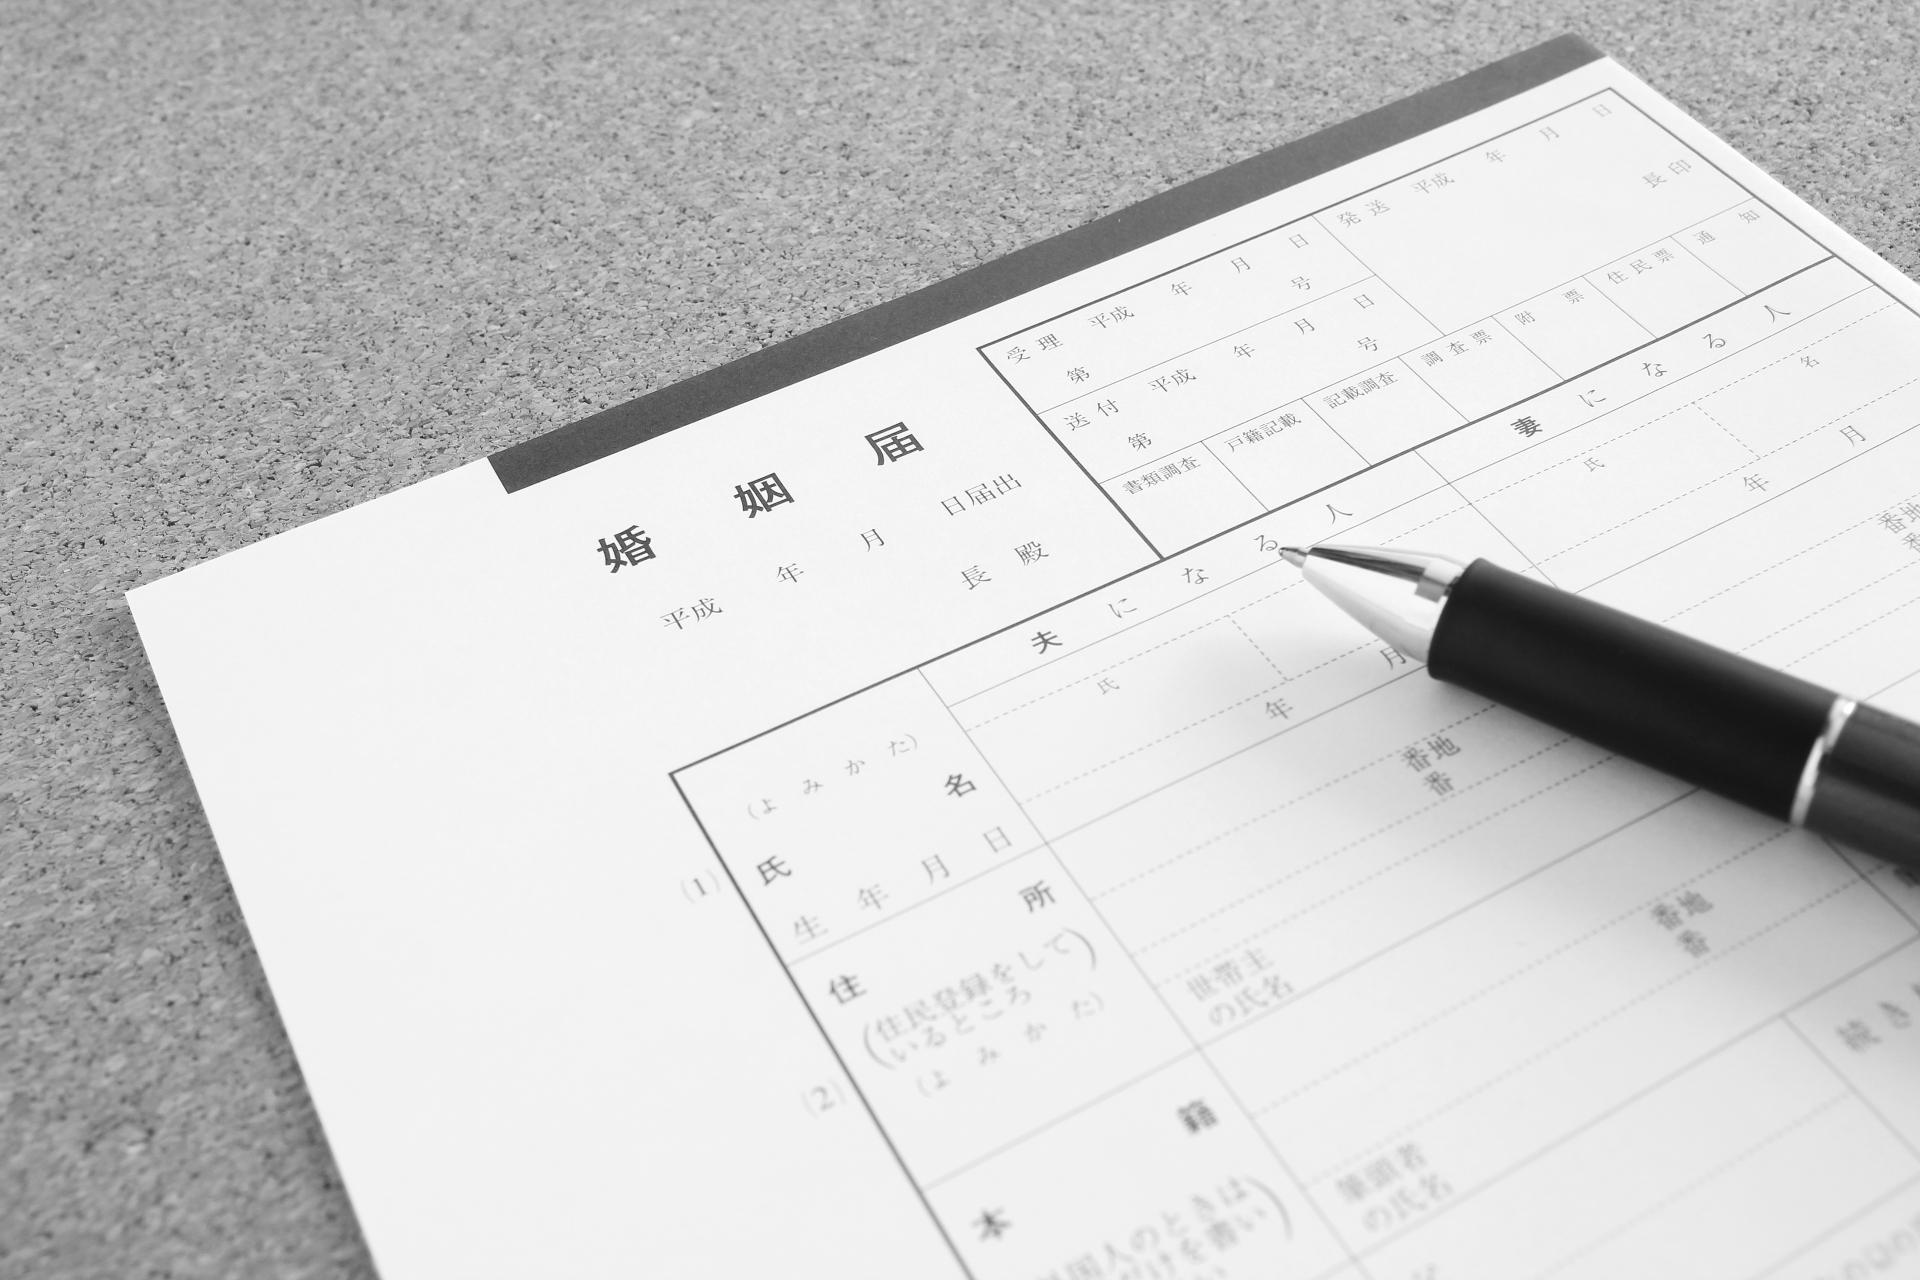 離婚届の書き方について佐久市の長野離婚協議書作成相談サポートが解説